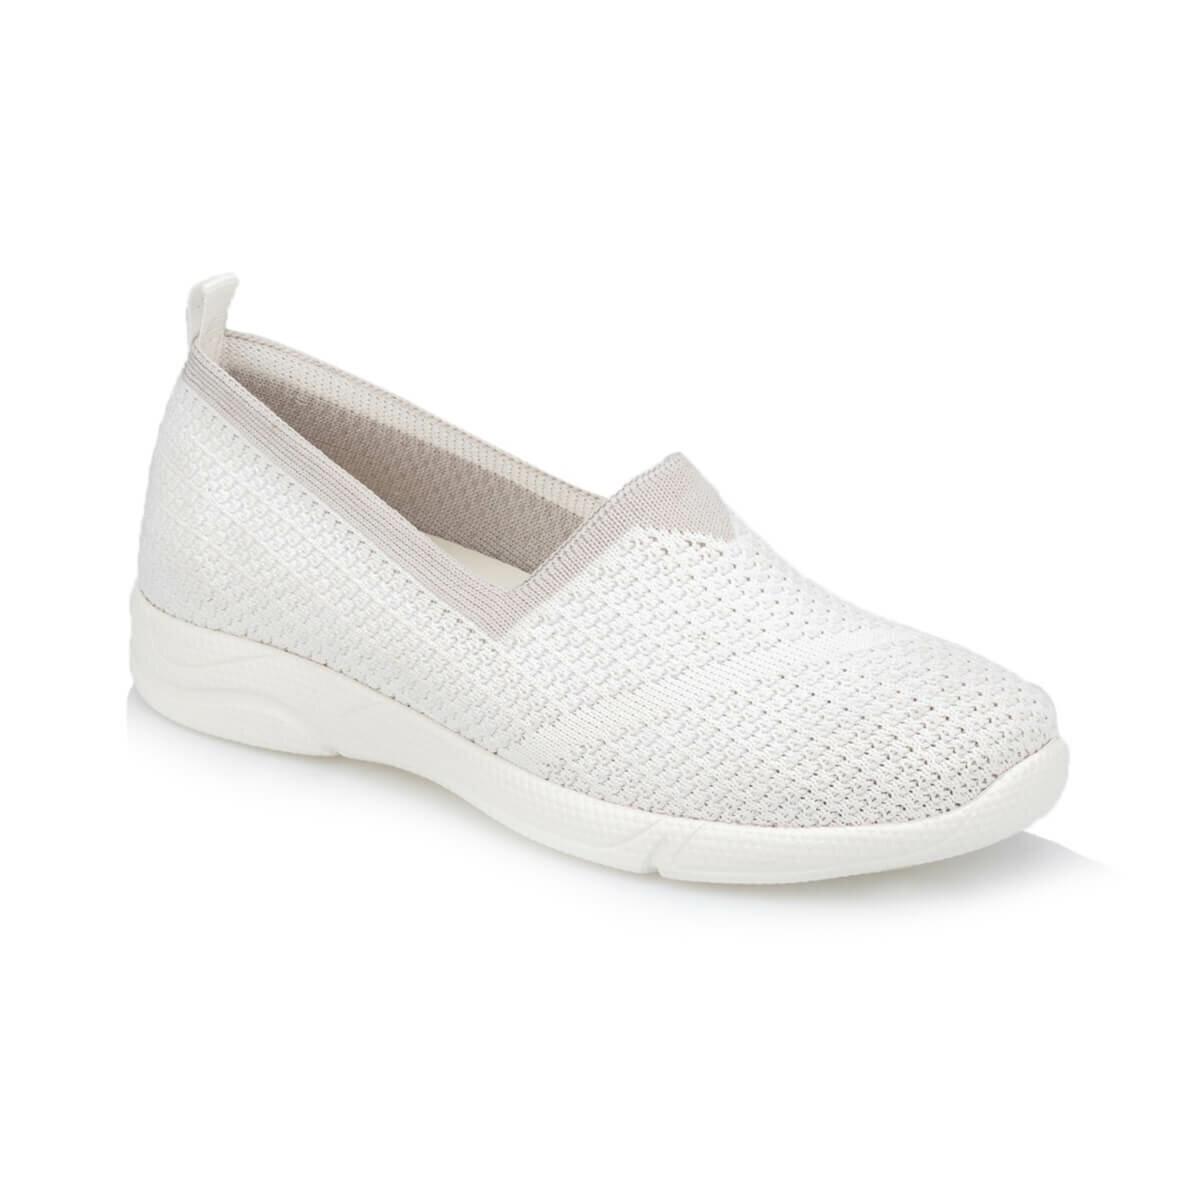 FLO TRV910044 White Women 'S Shoes Polaris